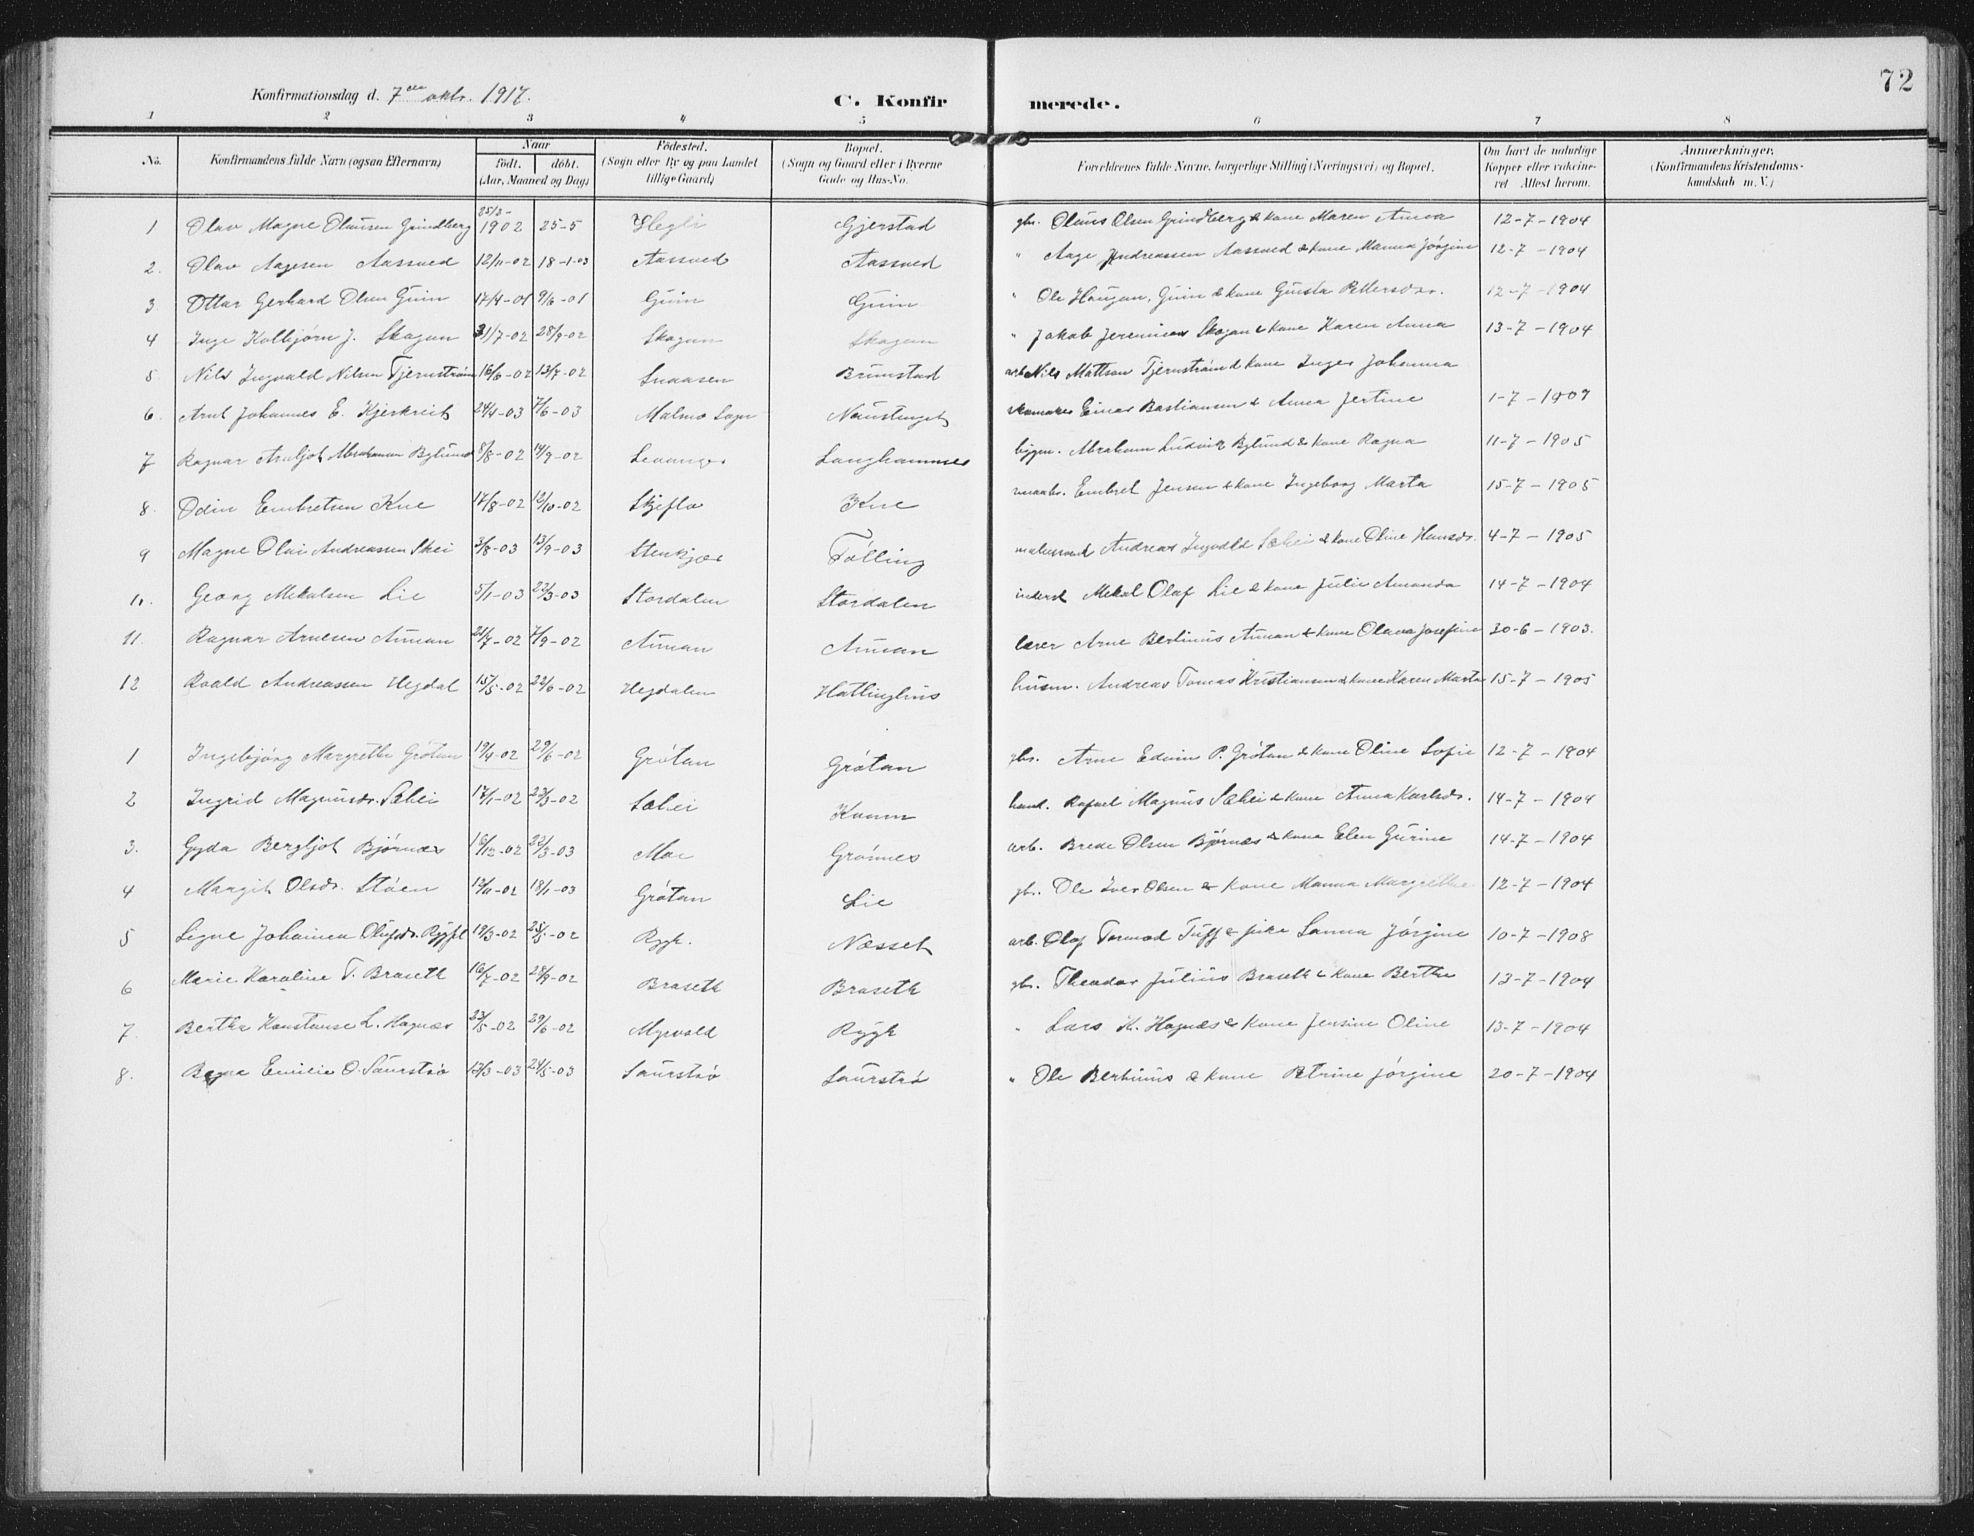 SAT, Ministerialprotokoller, klokkerbøker og fødselsregistre - Nord-Trøndelag, 747/L0460: Klokkerbok nr. 747C02, 1908-1939, s. 72